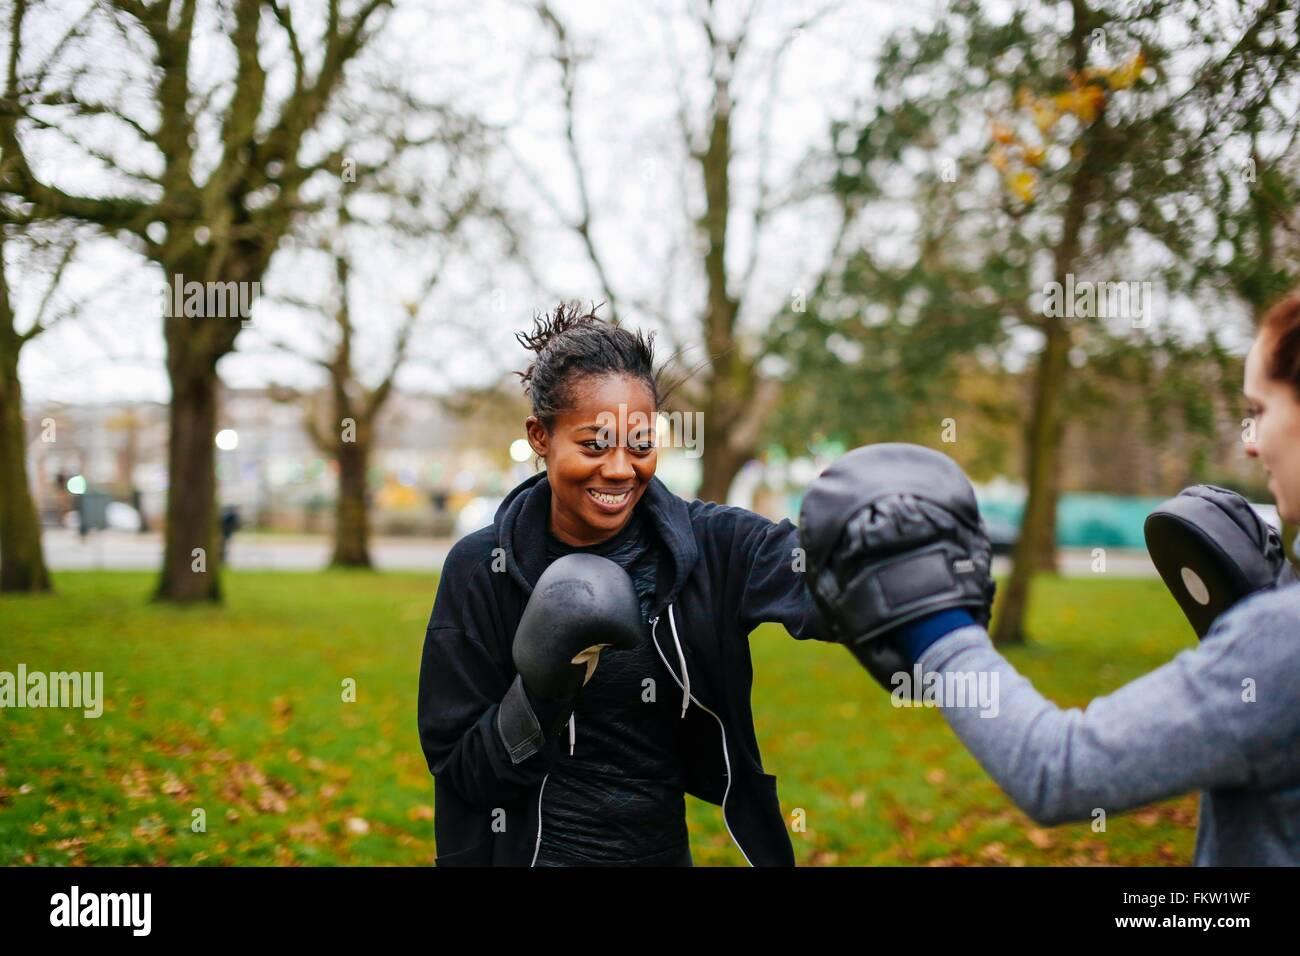 Junge Erwachsene Boxerinnen im Park zusammen zu trainieren Stockbild